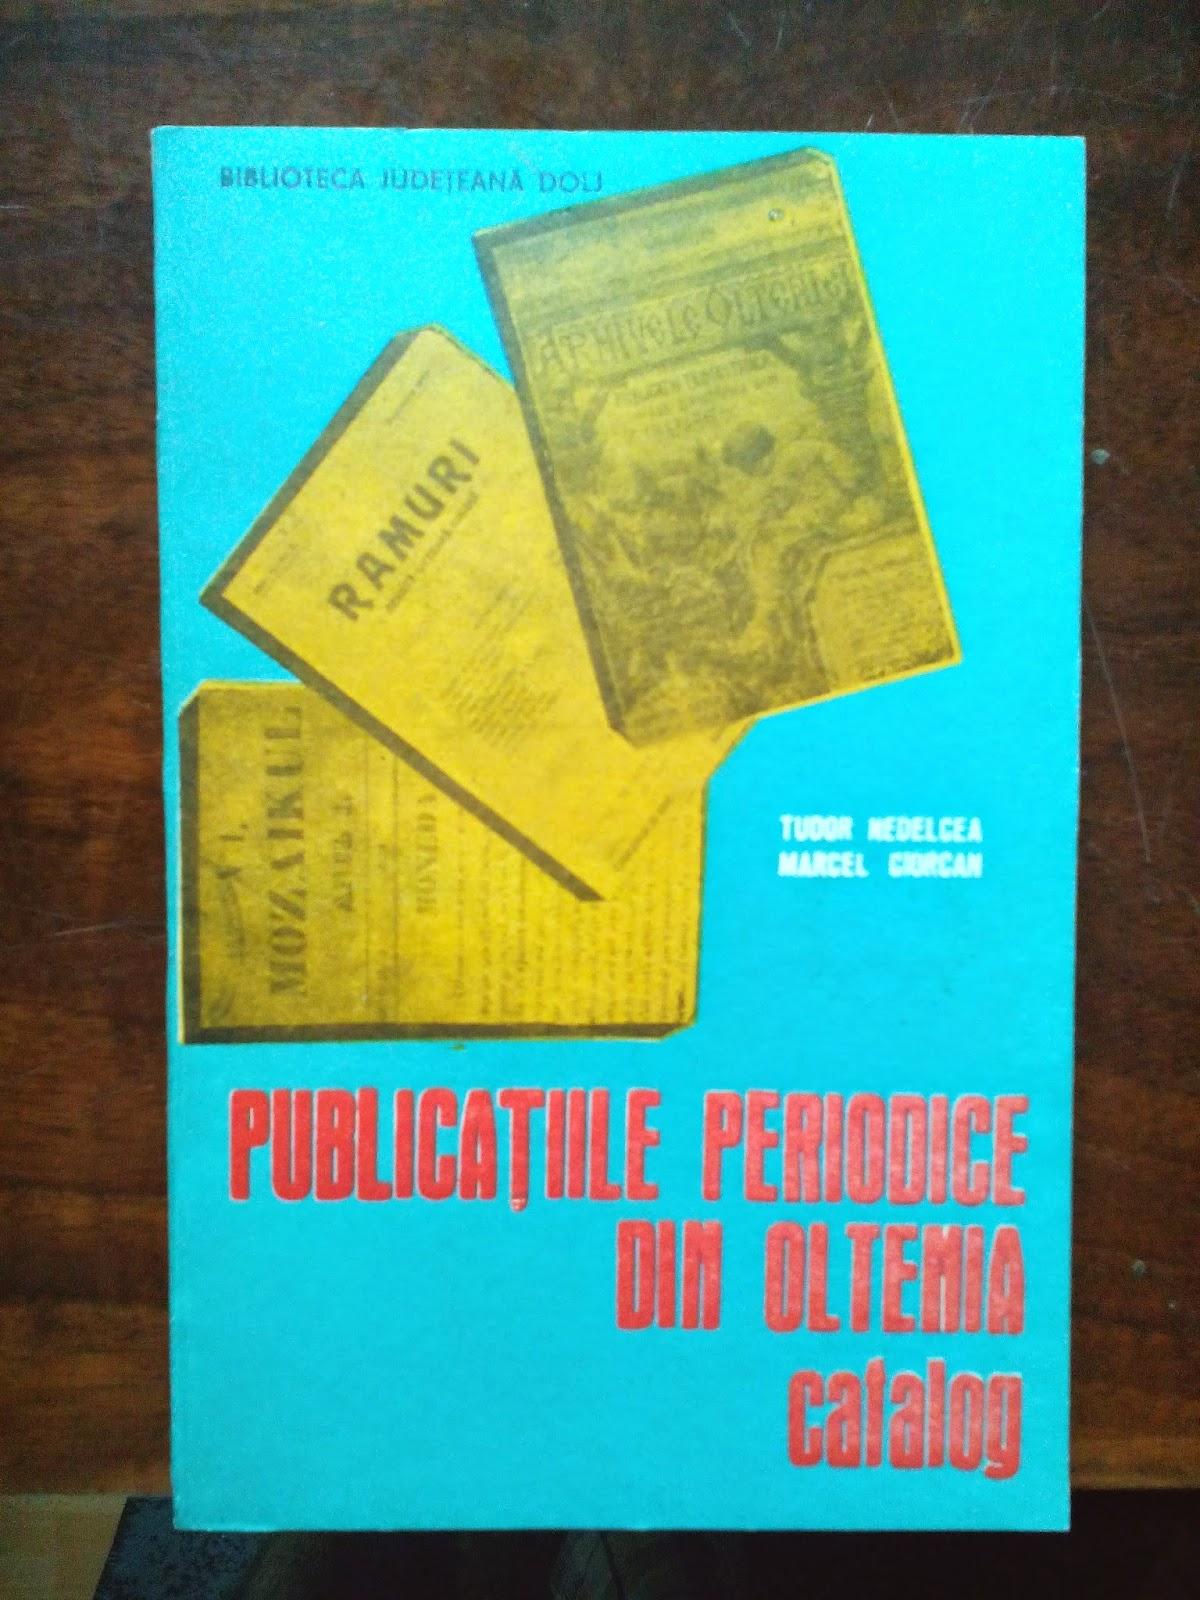 Tudor Nedelcea, Marcel Ciorcan - Publicatiile periodice din Oltenia - Catalog